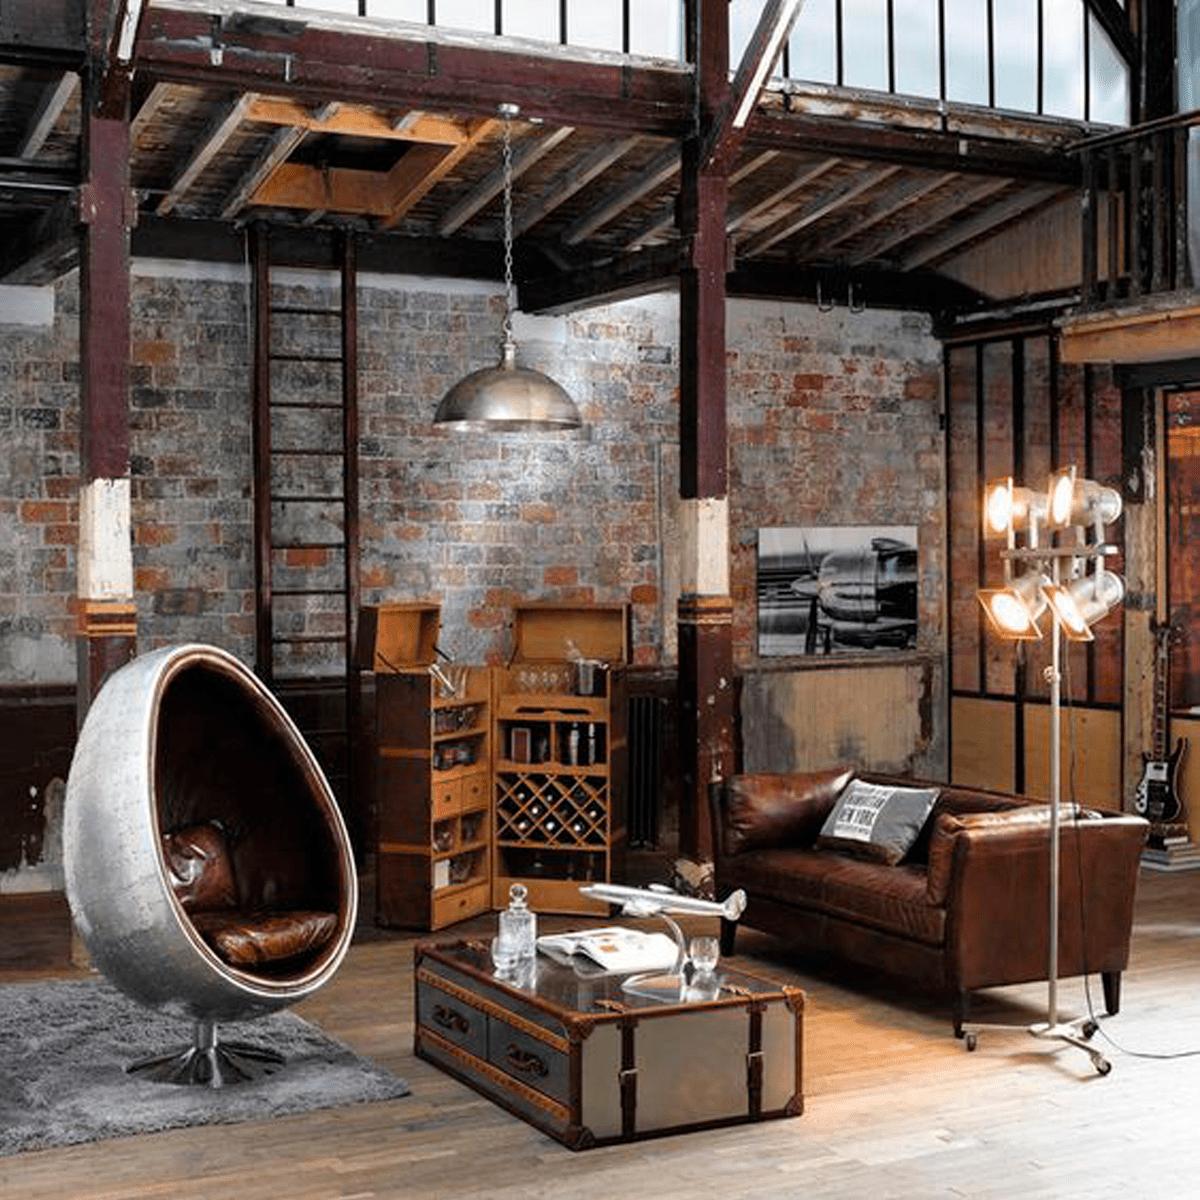 lámparas-estilo-industrial-sofás-marrones